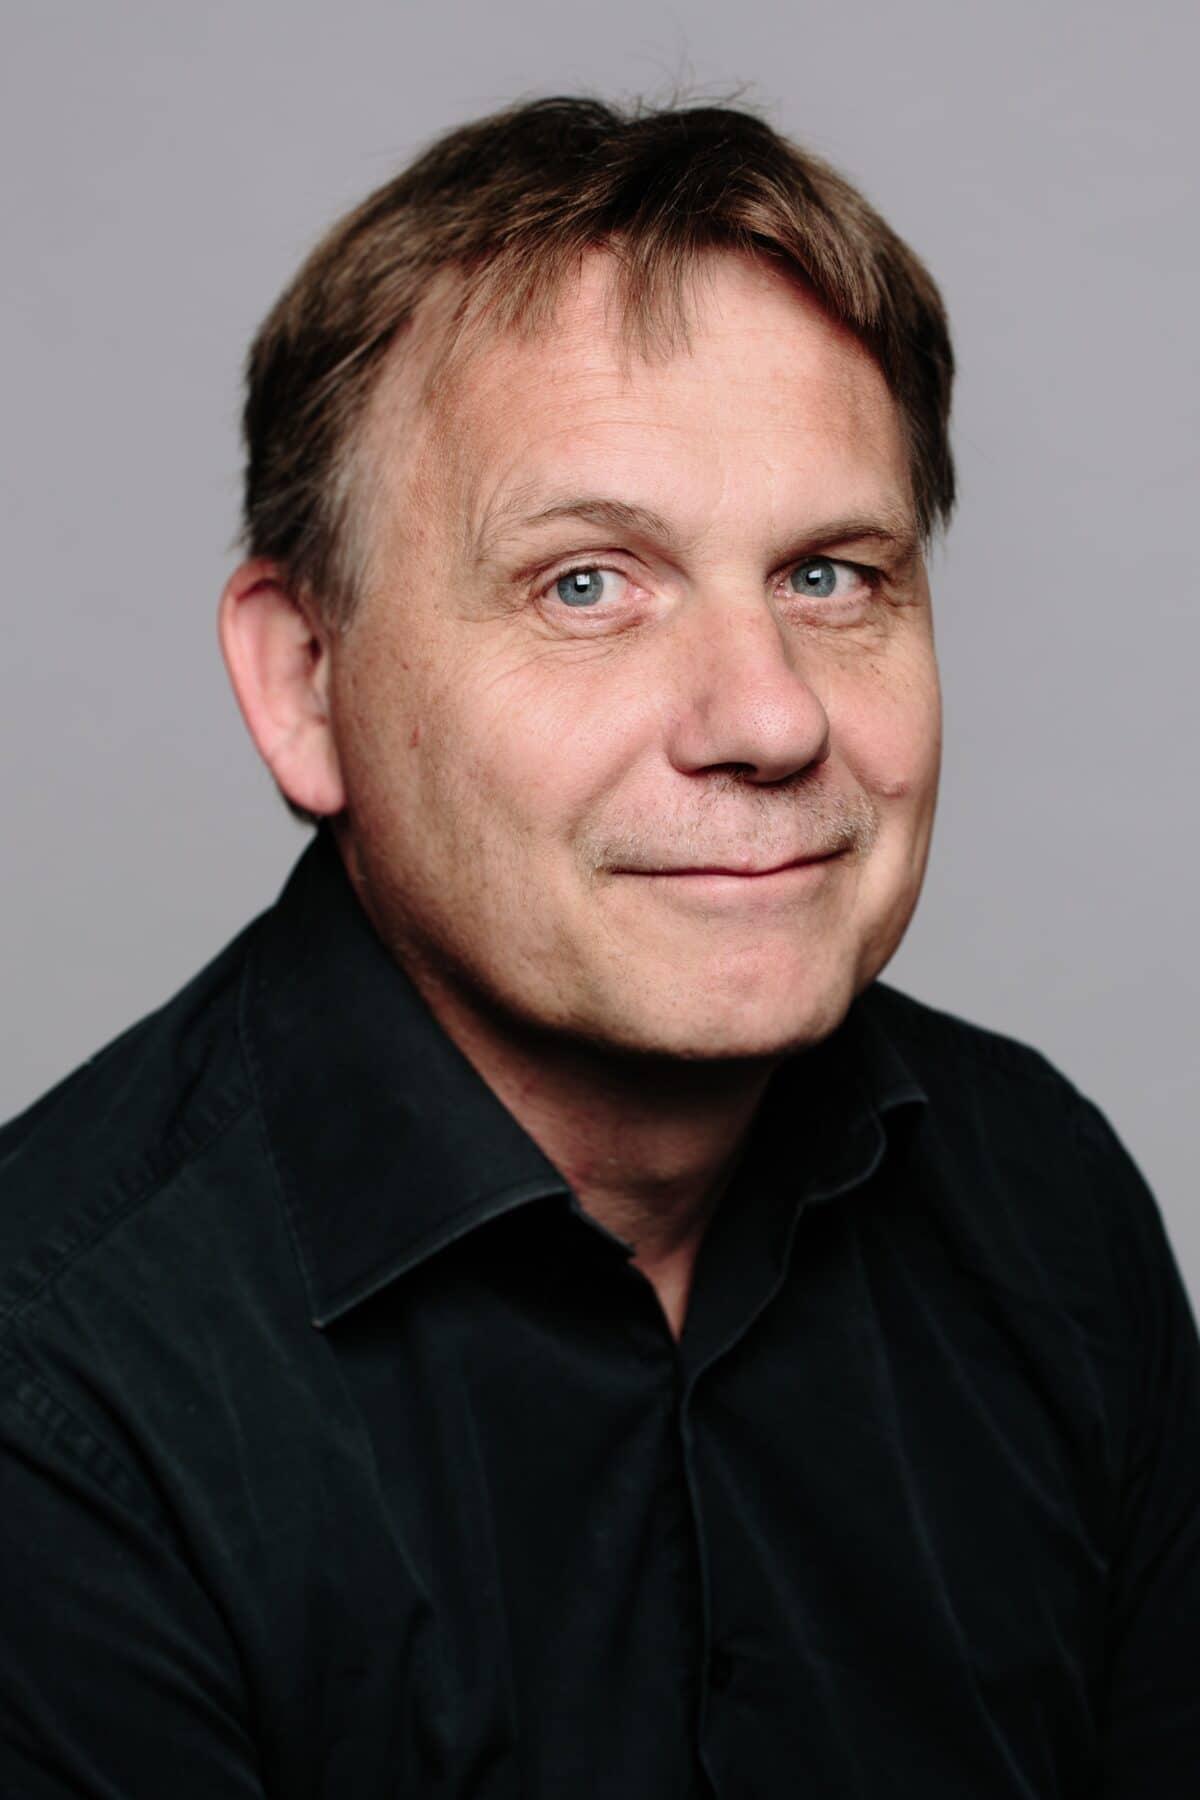 Finn Wiedemann